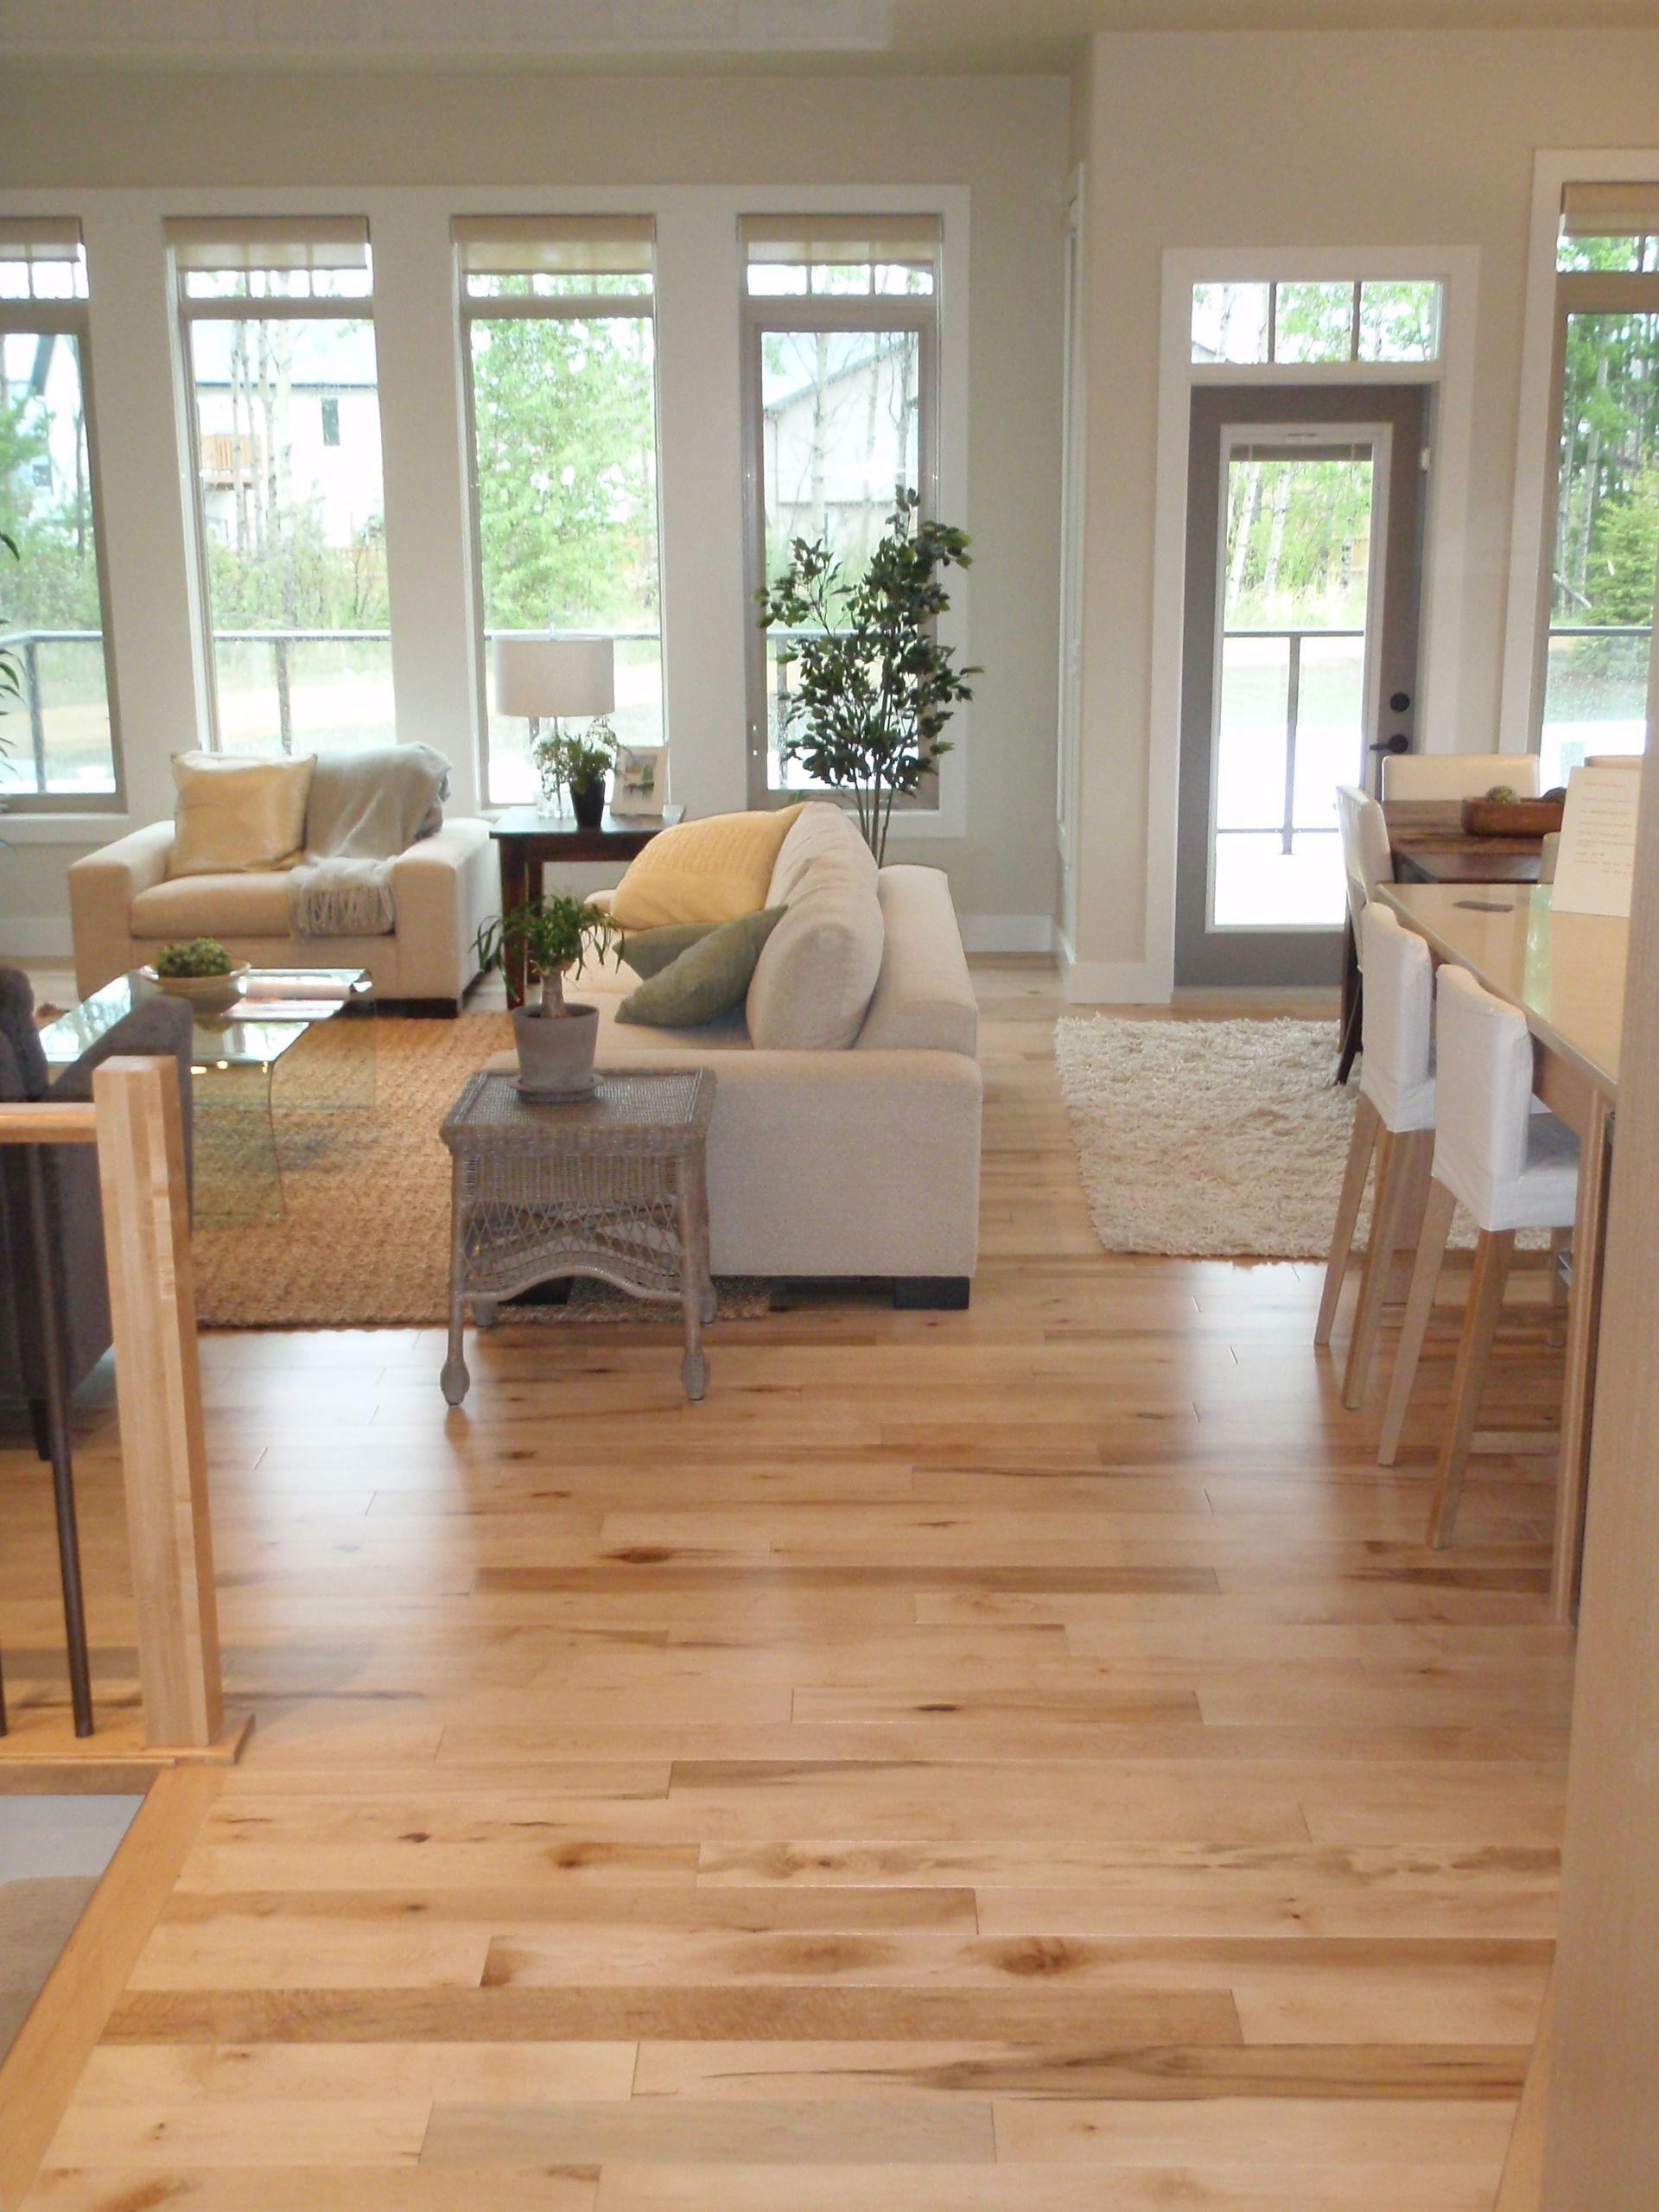 hardwood flooring ventura of new york flooring our bestseller oak dyrham es in wide plank throughout new york flooring hardwood floors